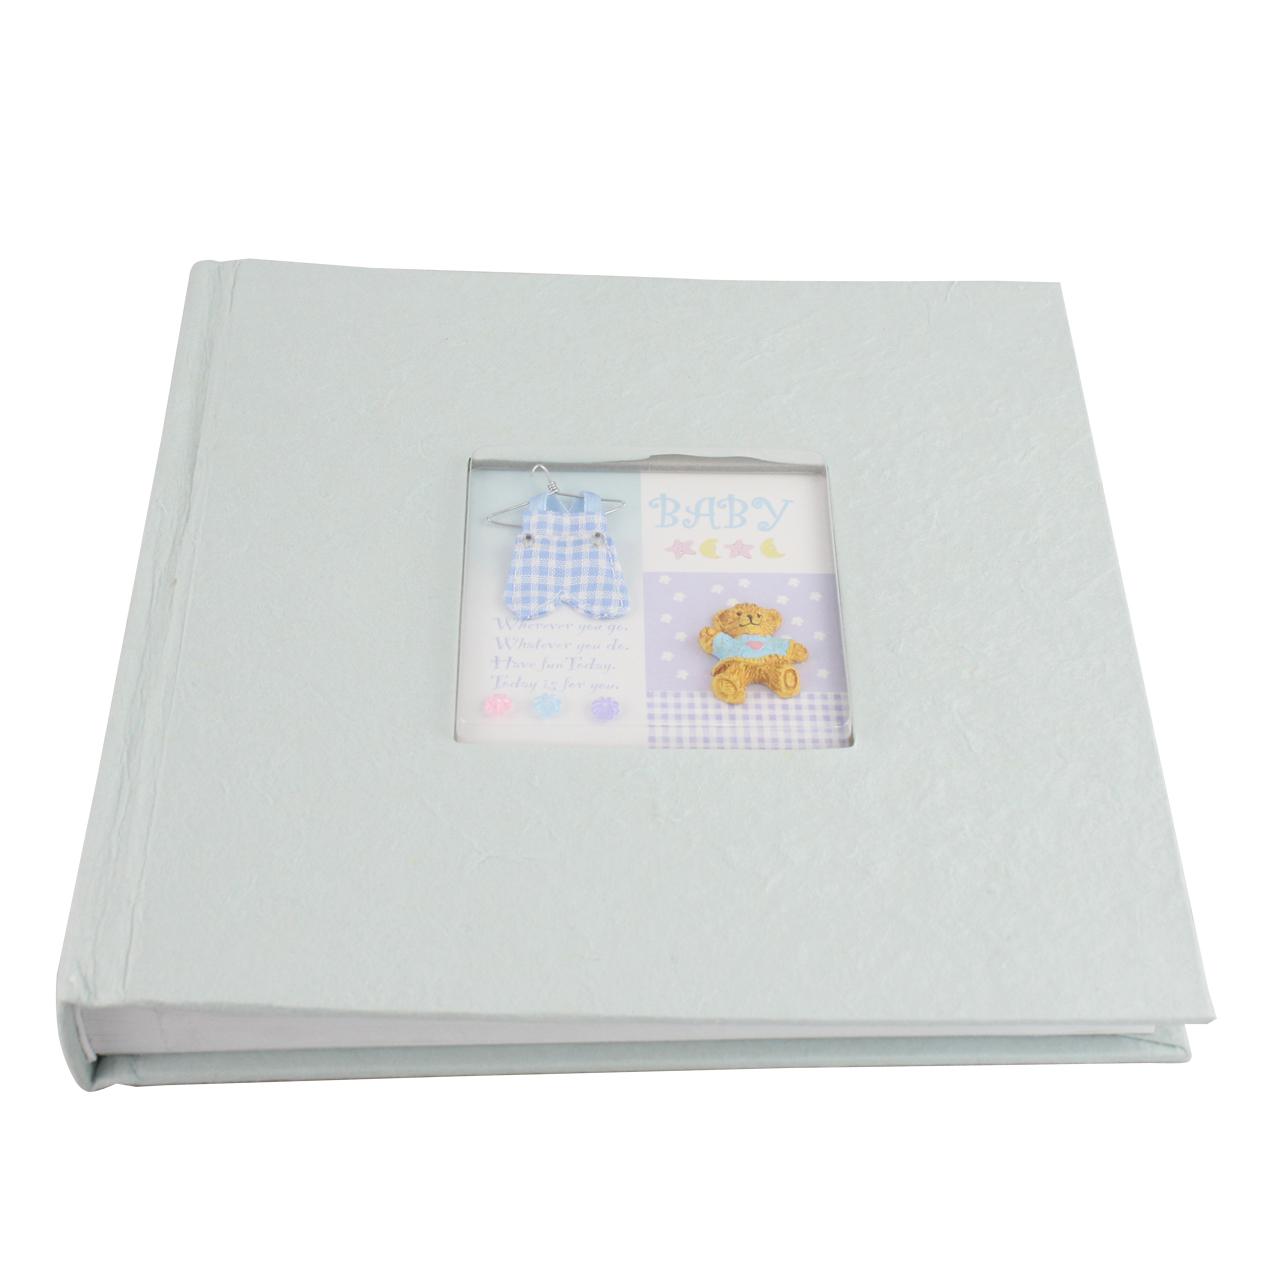 Album Foto Din Carton Albastru Deschis 22x22 Cm